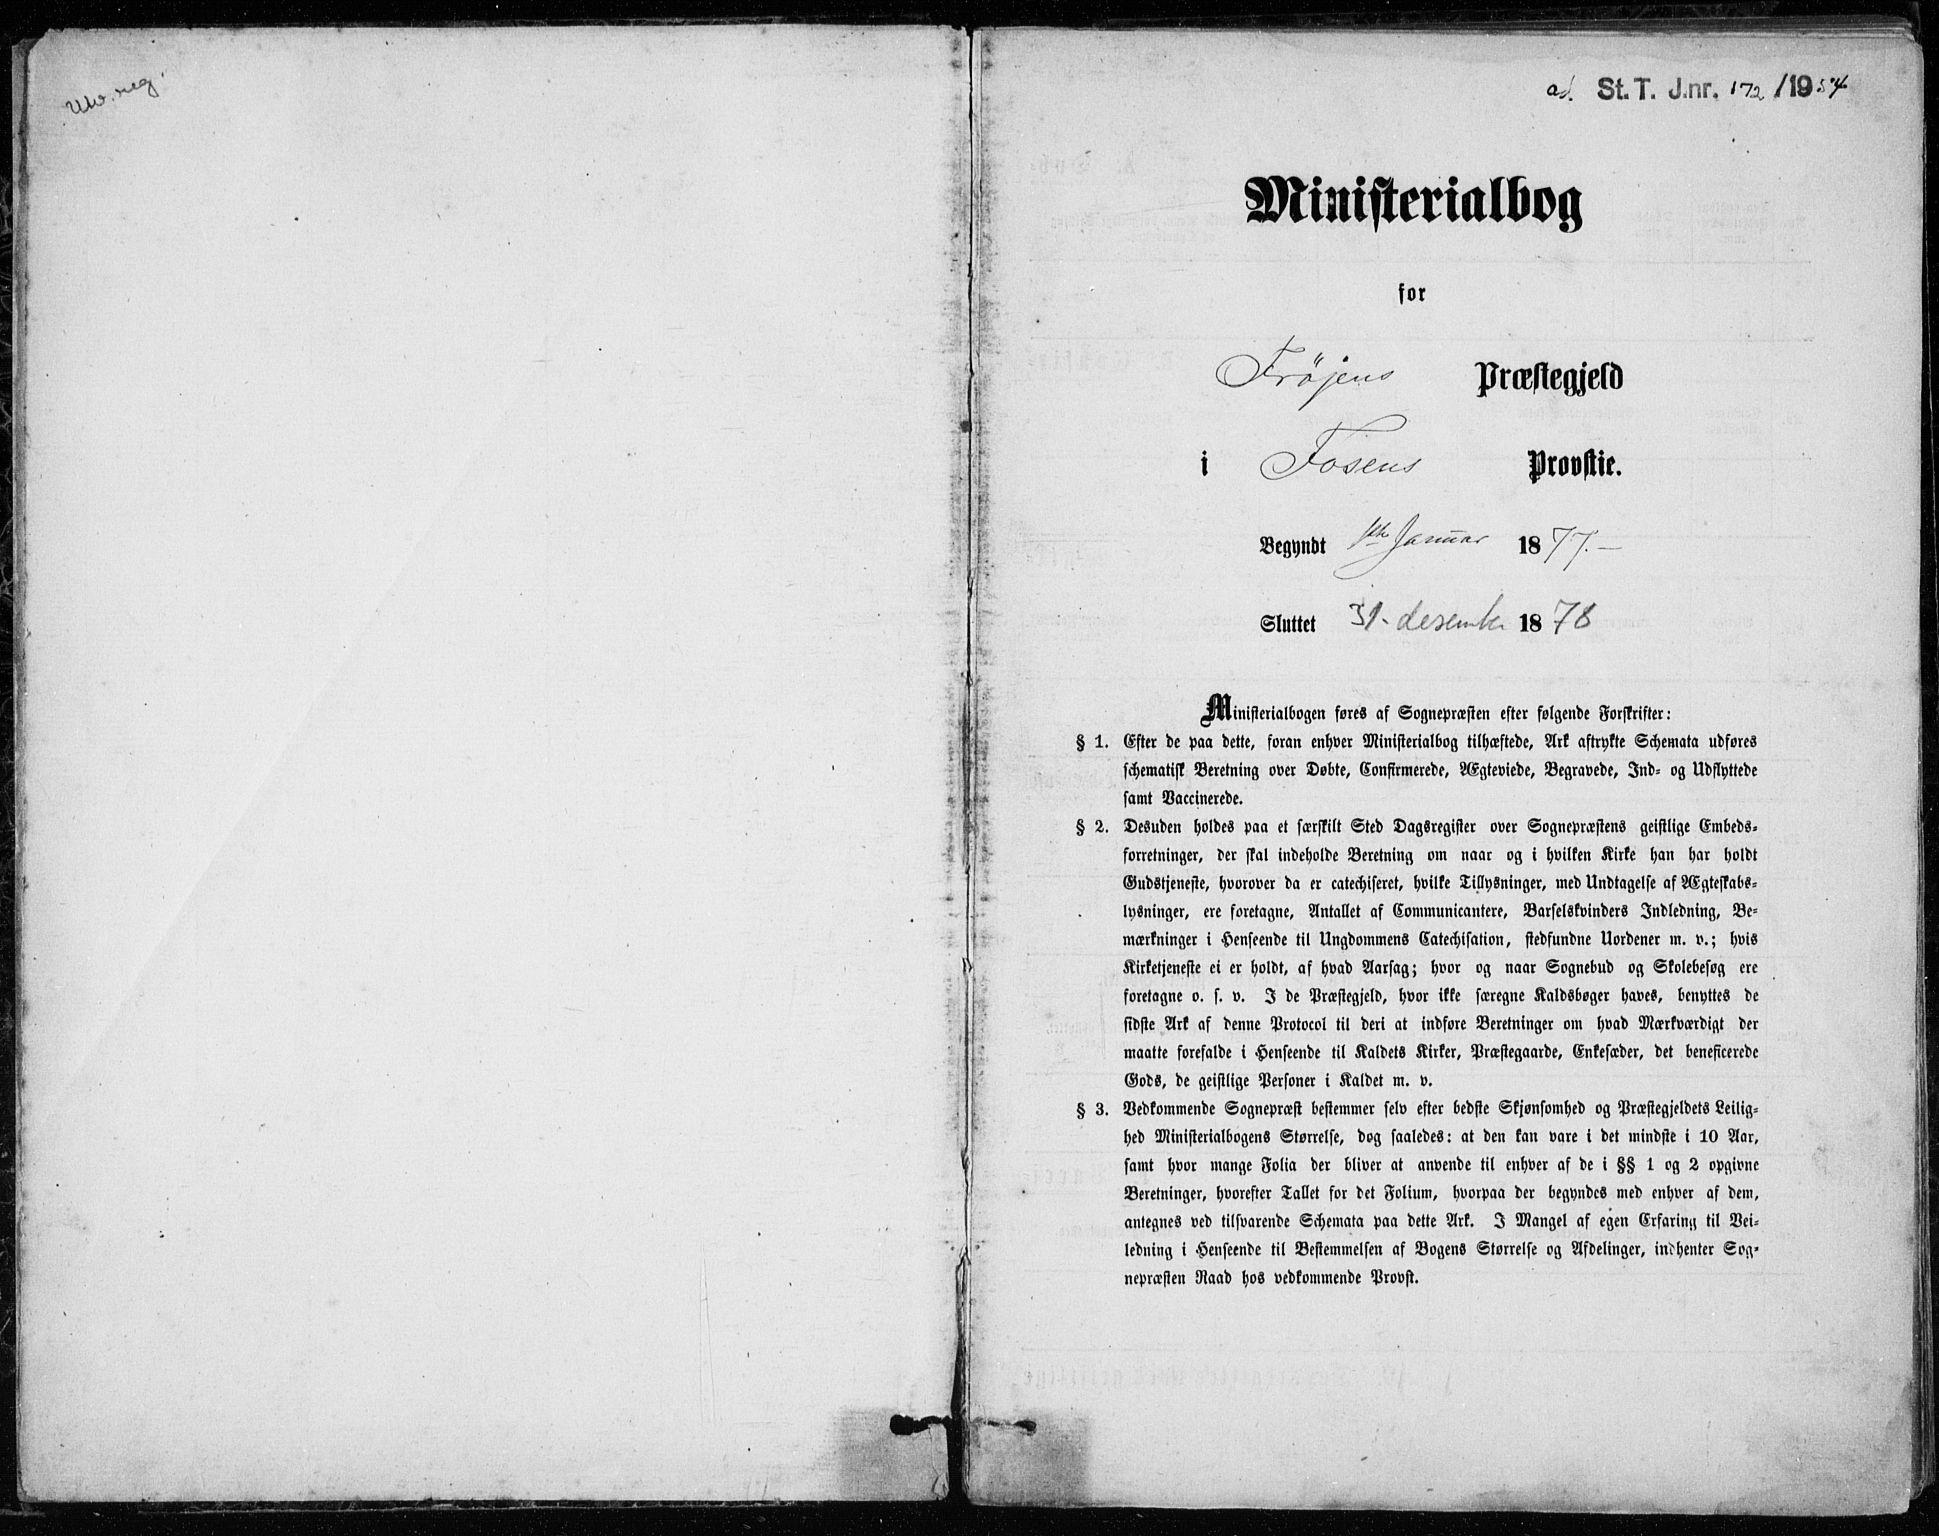 SAT, Ministerialprotokoller, klokkerbøker og fødselsregistre - Sør-Trøndelag, 640/L0577: Ministerialbok nr. 640A02, 1877-1878